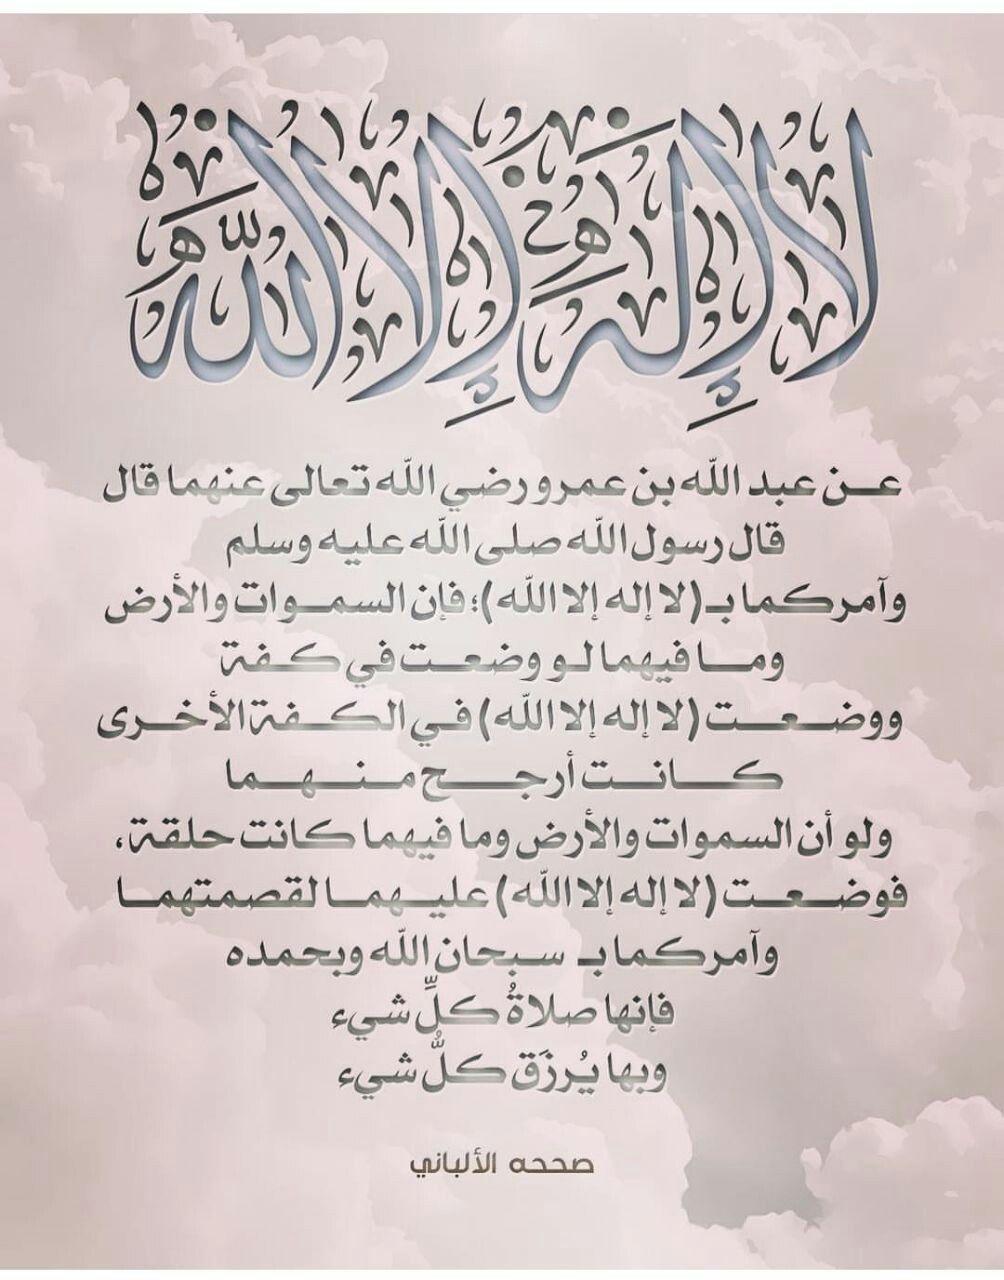 فضل لا ٱله إلا الله اللهم صل وسلم وبارك على محمد وعلى آله وصحبه اجمعين Arabic Calligraphy Personalized Items